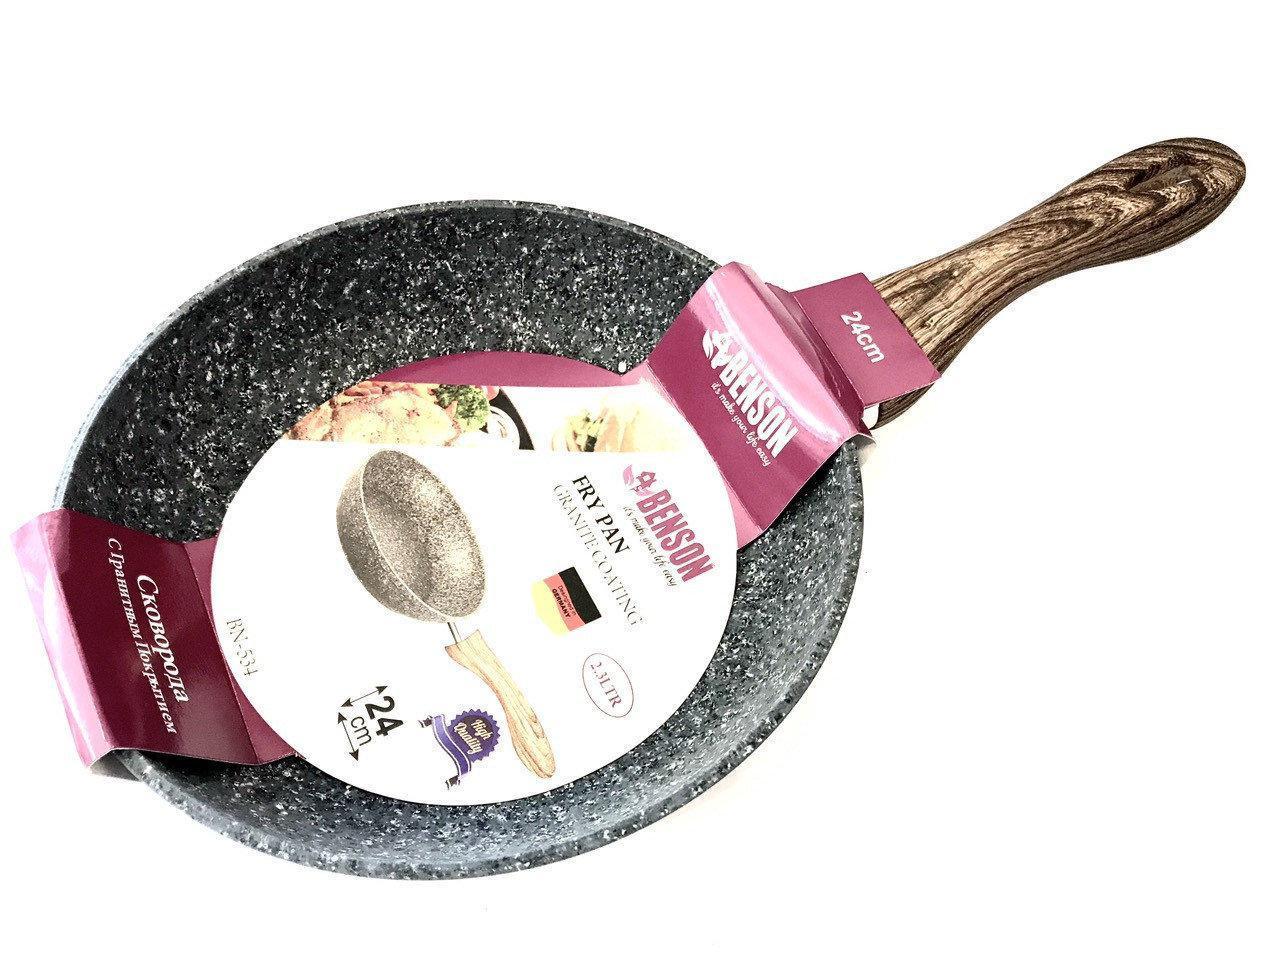 Сковородка Benson BN-534 24 см с серо-бело-черным гранитным покрытием